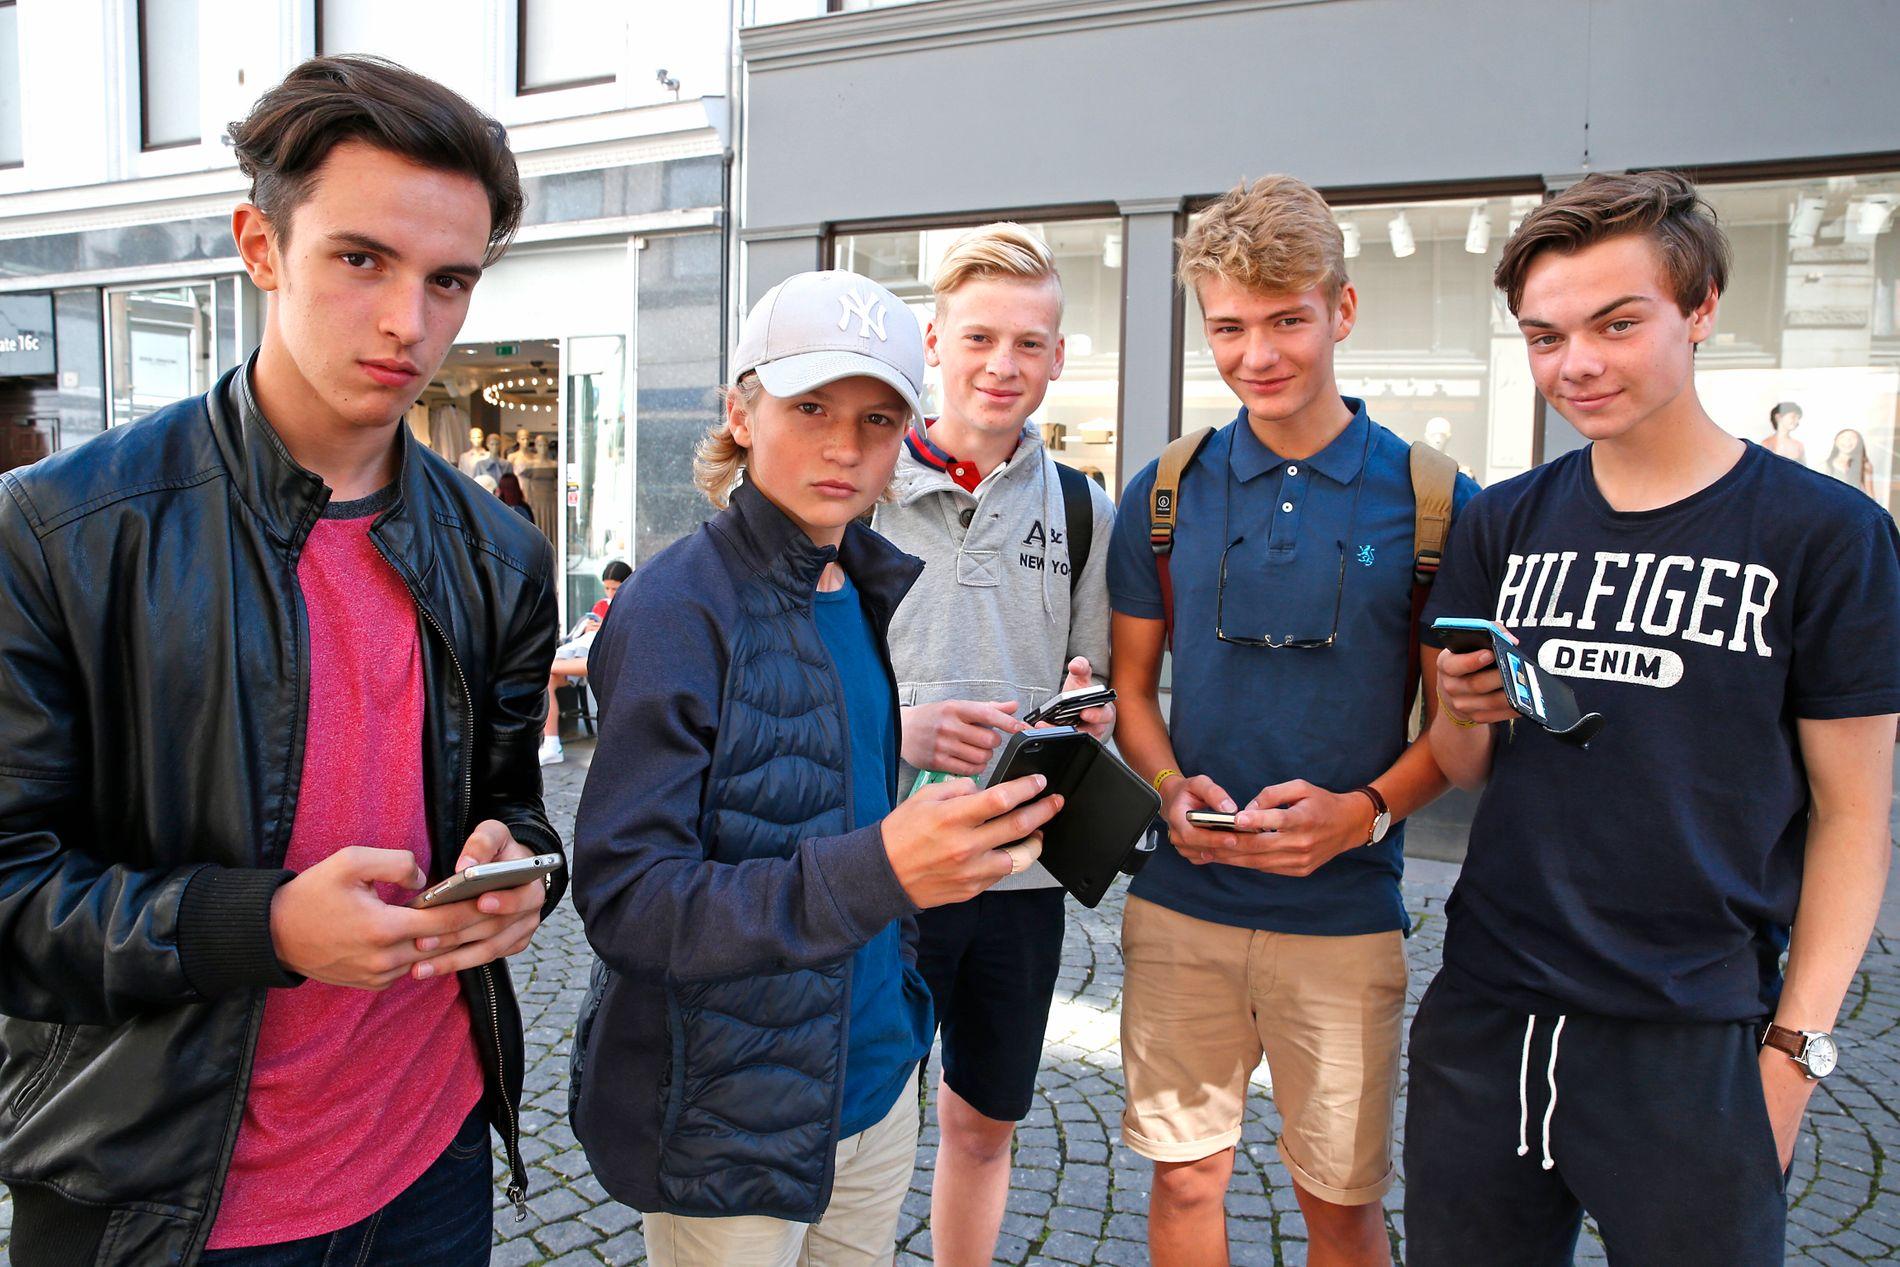 PÅ JAKT: Trønderne Eduardo Pinto de Oliveira (16), Jostein Thorsvik Hovda (15), Scott Martinus Mikkelsen Kvendset (16), Sebastian Schjetne (16) og Øystein Mork (16) bruker tiden mellom kampene på Norway Cup til å fange pokémoner i hovedstaden.